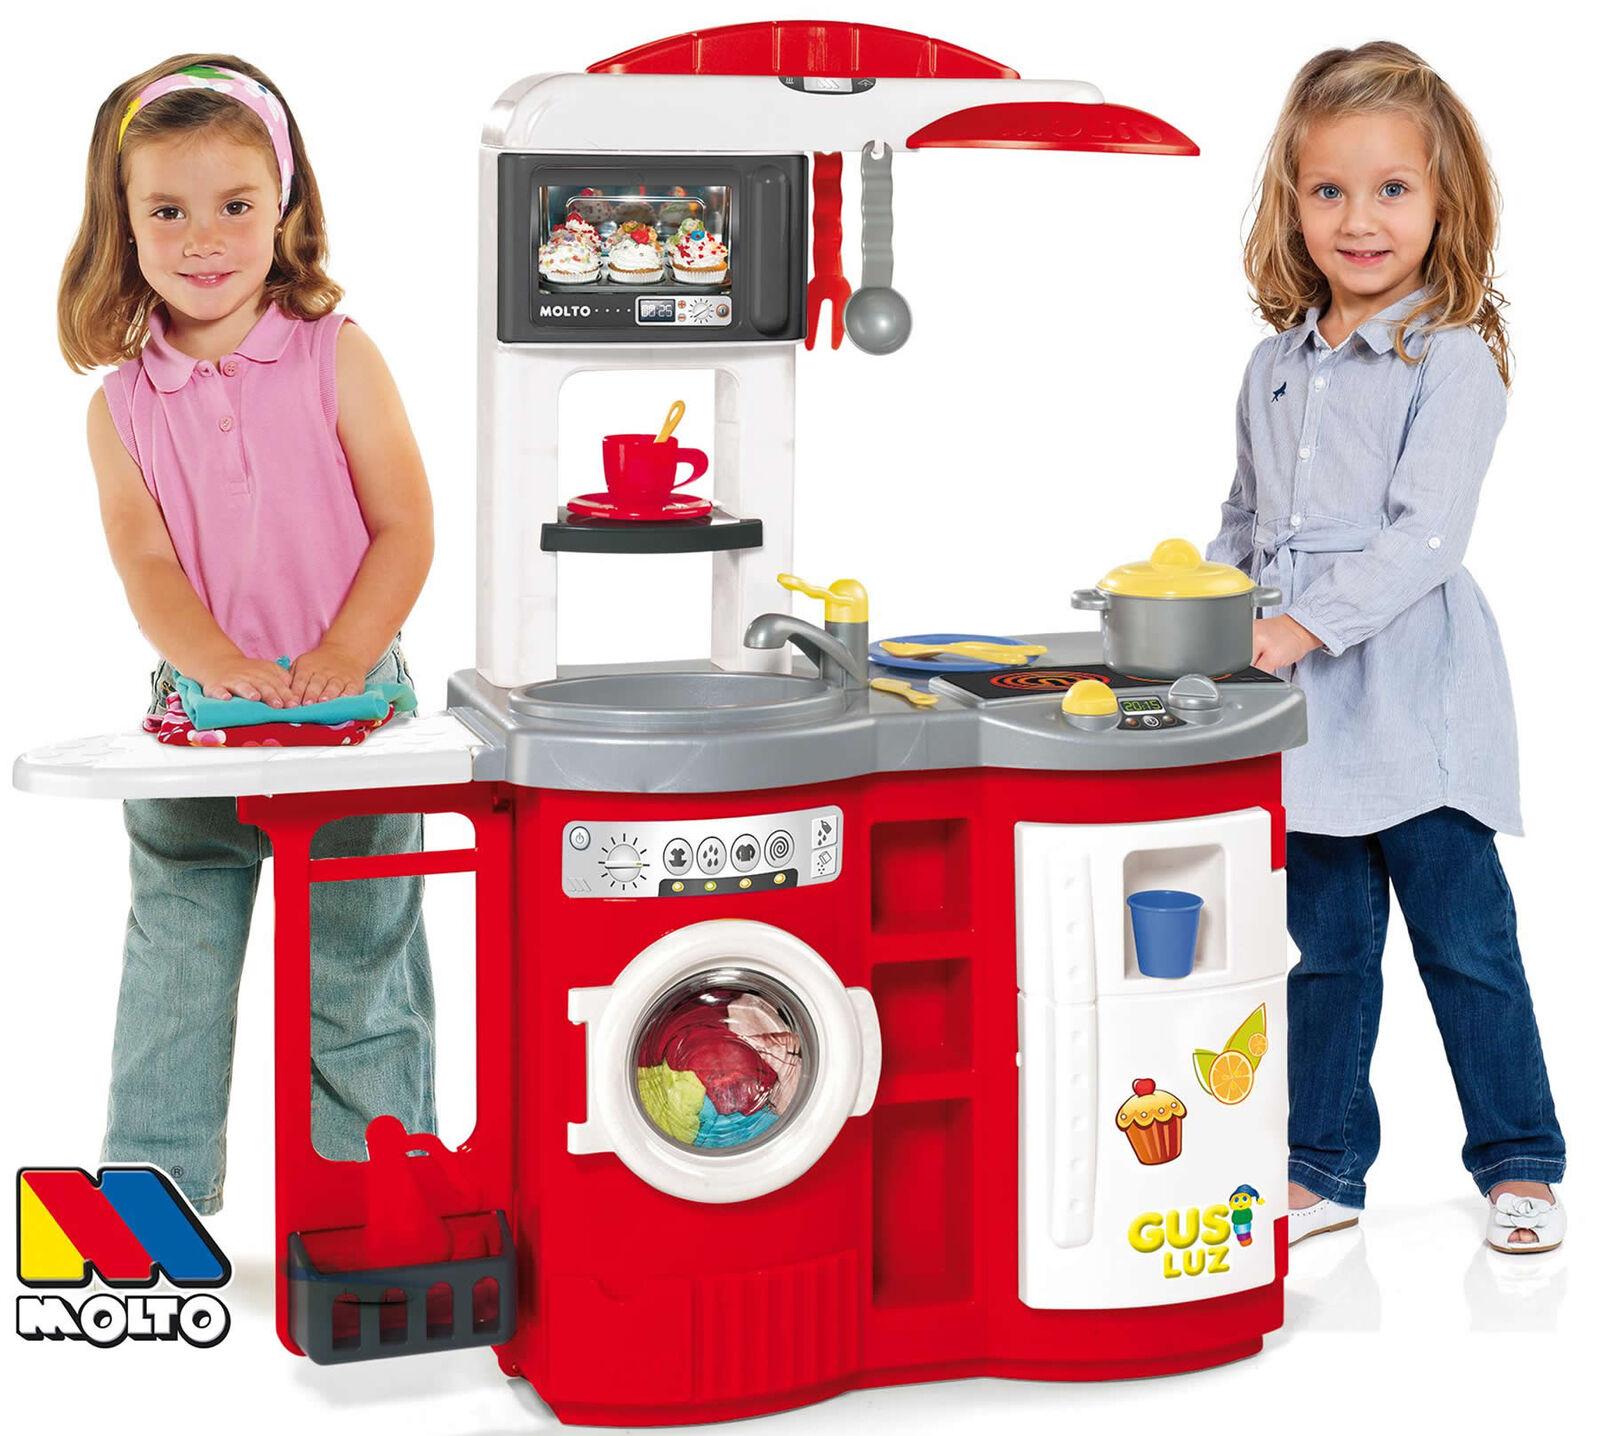 Molto Spielküche Kinderküche Cook`n Play mit 17-tlg. Zubehör